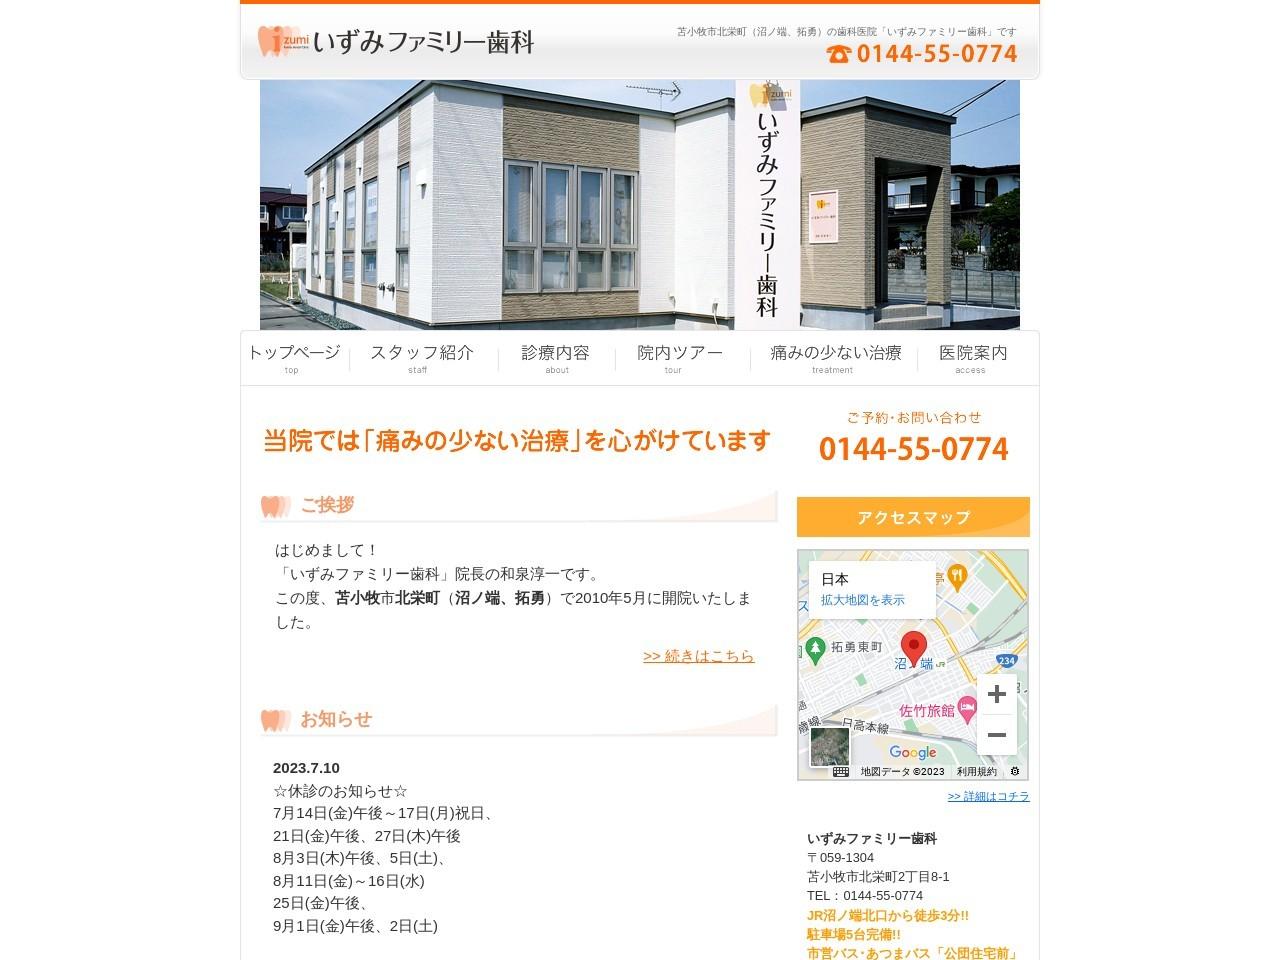 いずみファミリー歯科 (北海道苫小牧市)